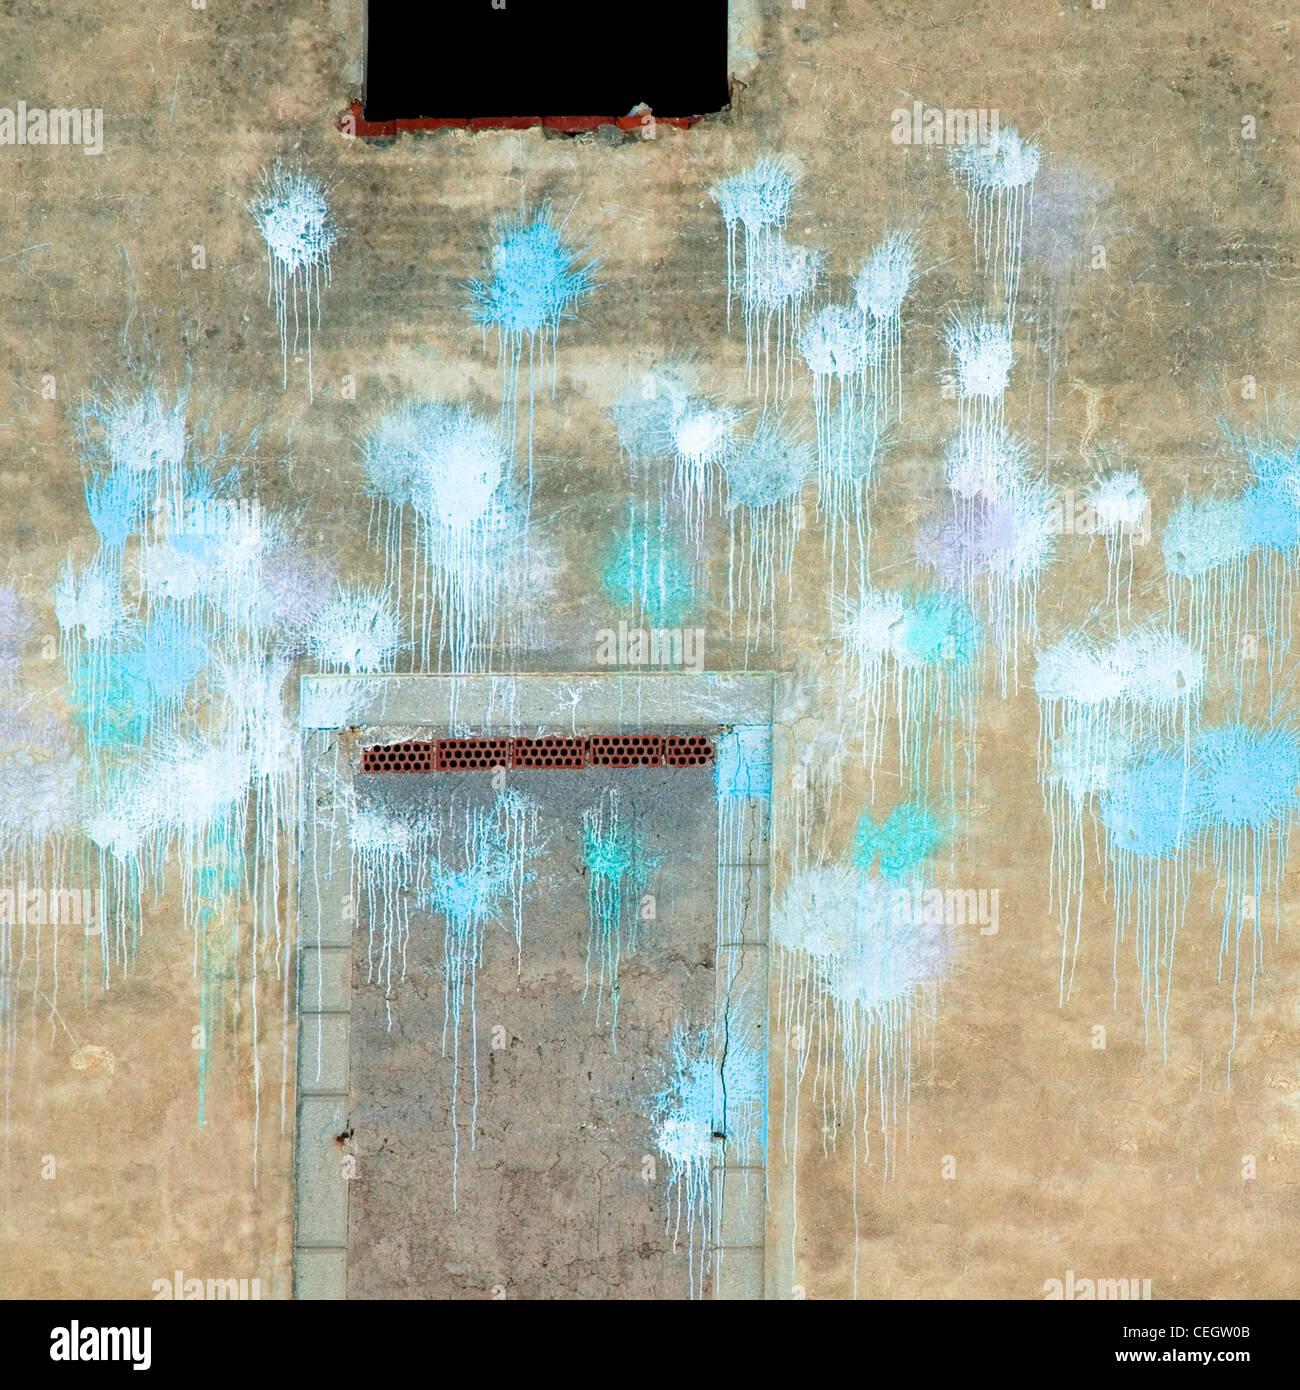 Parte anteriore del vuoto edificio con macchie di vernice blu Immagini Stock